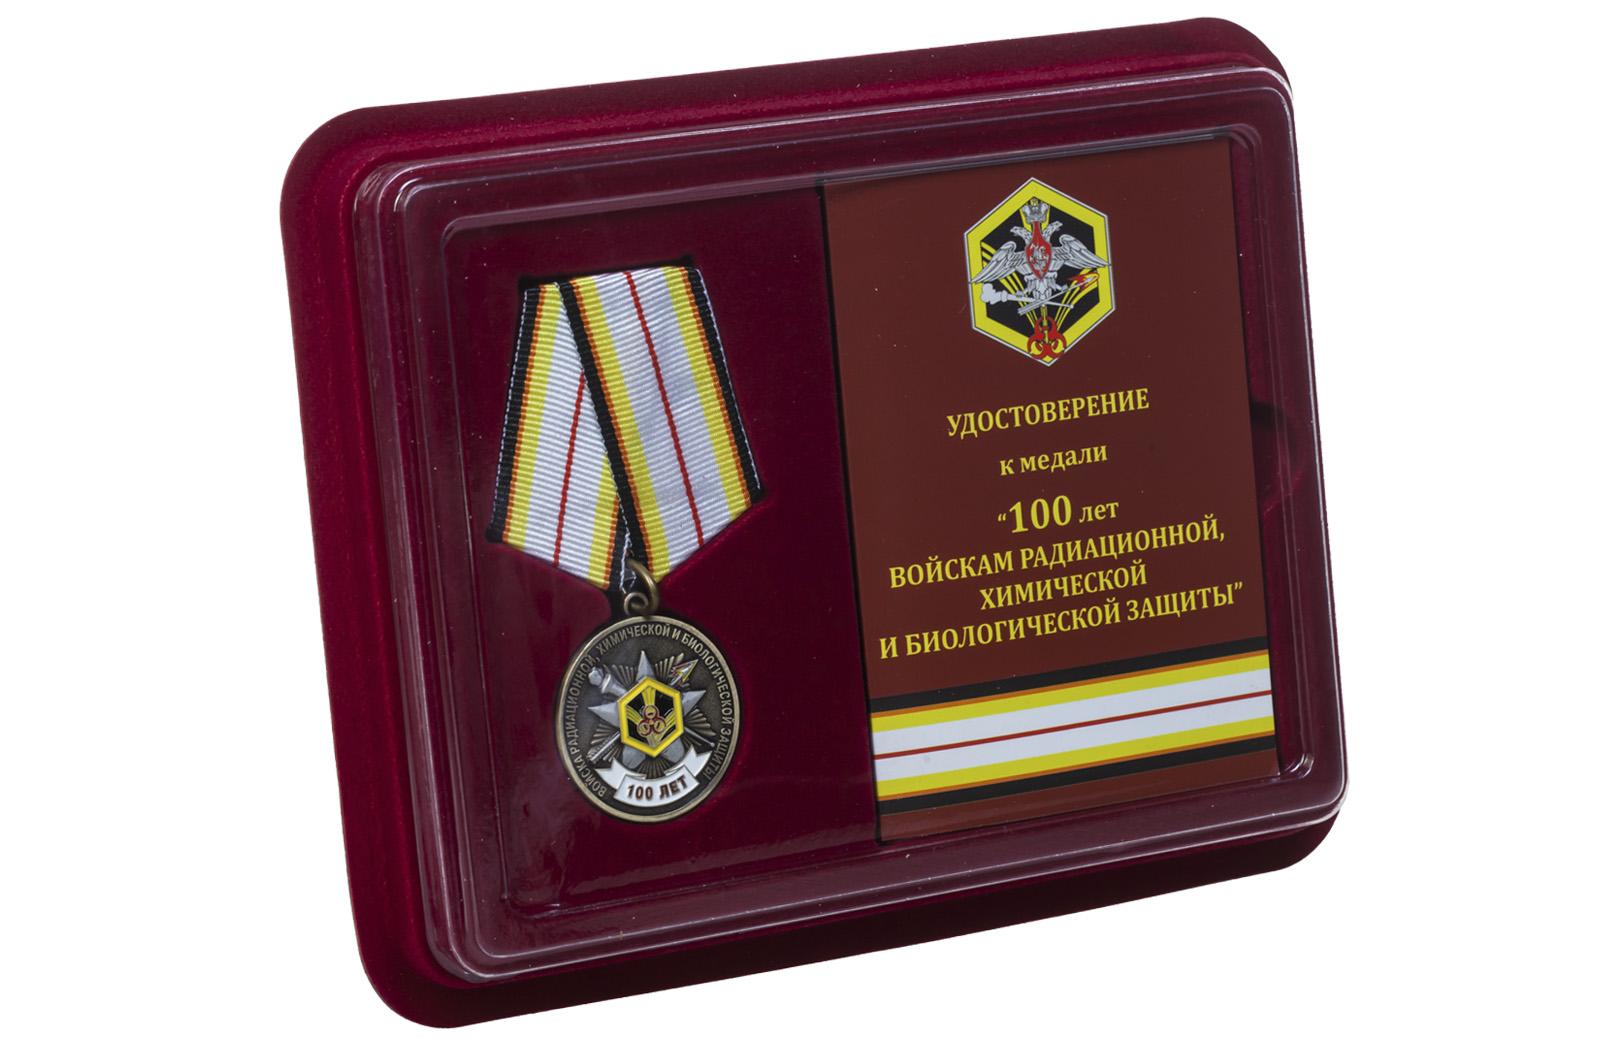 Юбилейная медаль 100 лет Войскам Радиационной, химической и биологической защиты - в футляре с удостоверением